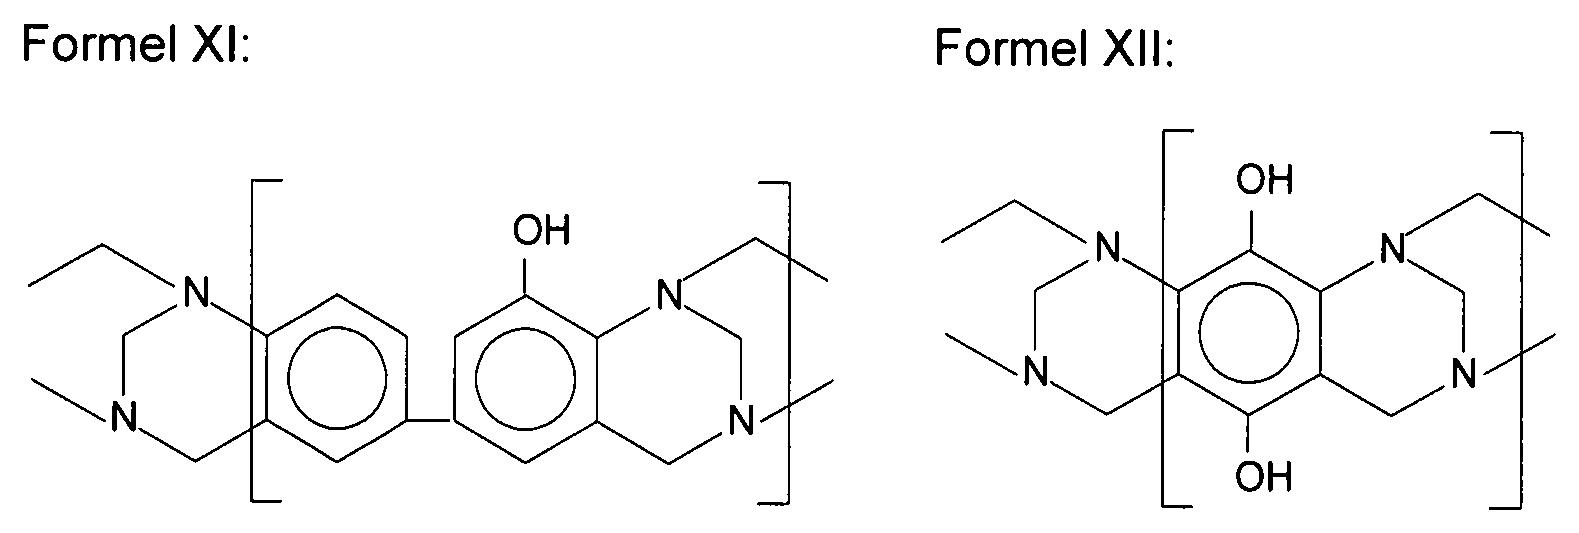 Figure DE112016005378T5_0013